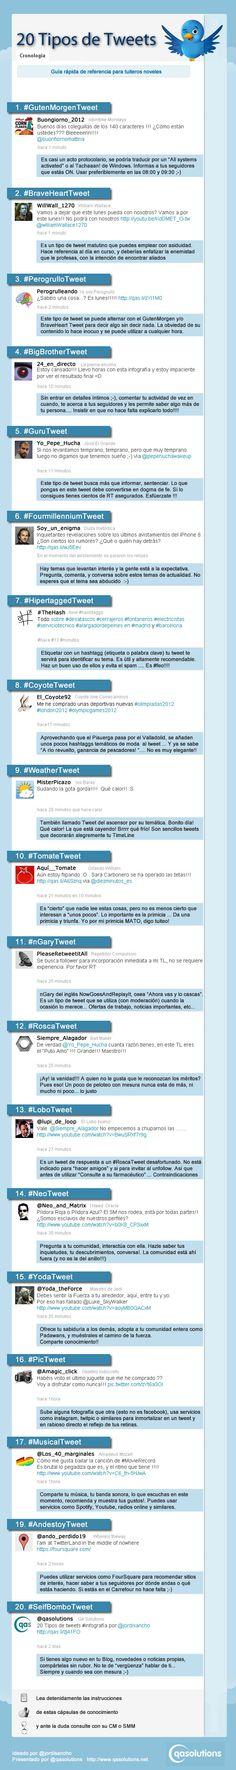 20 tipos de tweets. Guía para tuiteros noveles. ¡¡¡Genial!!! #cmua